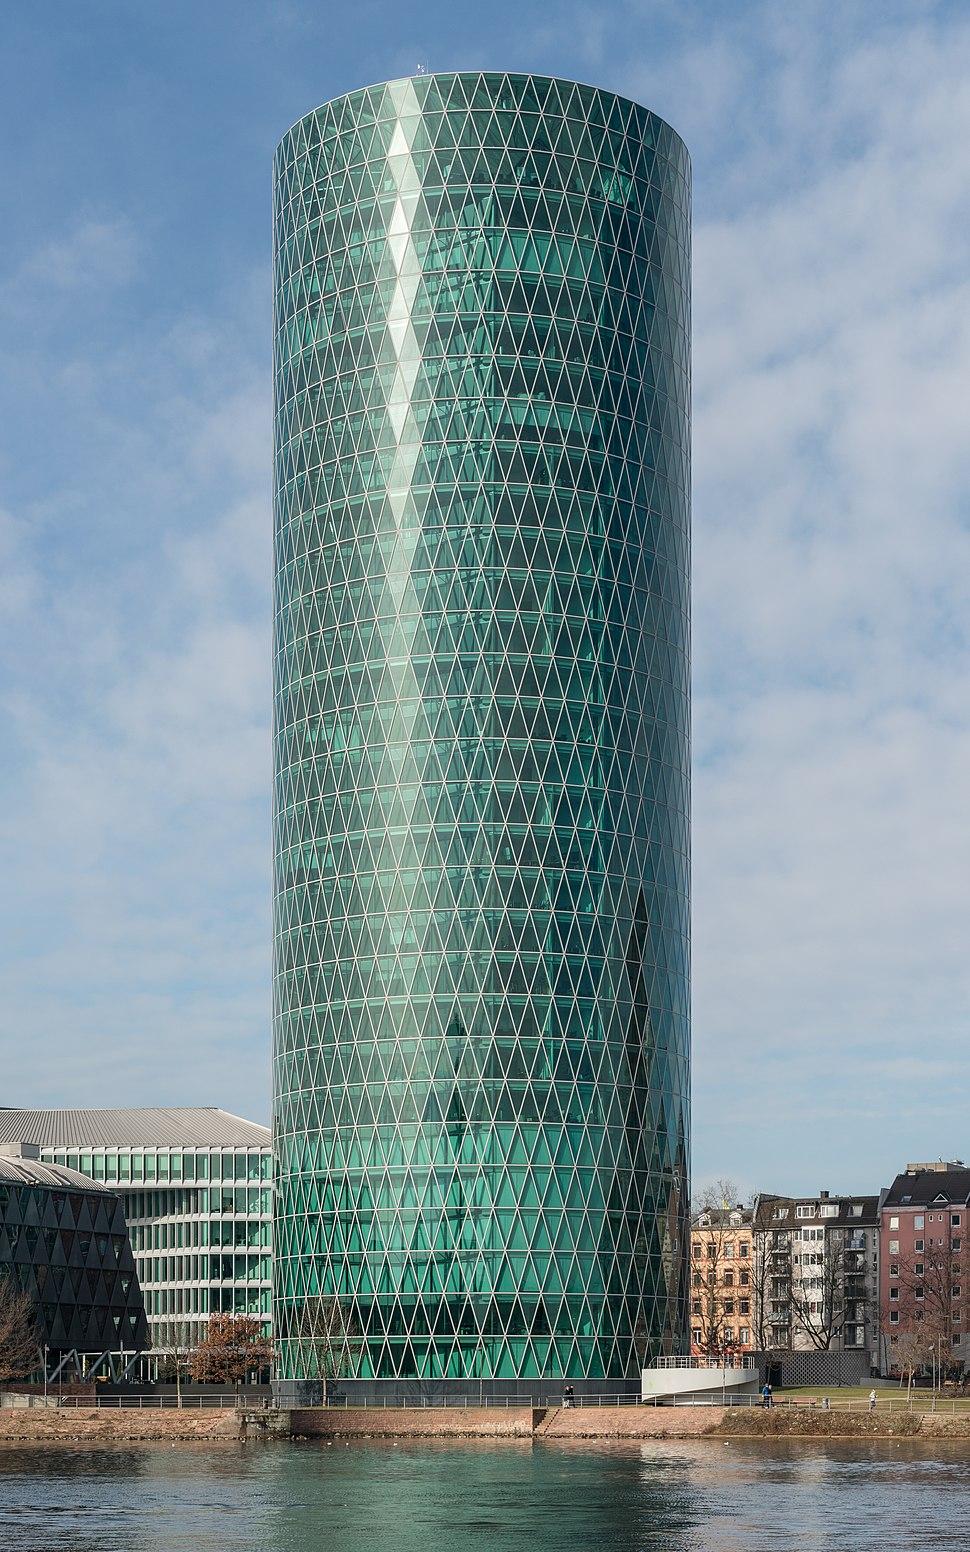 Westhafen Tower, Frankfurt, Southeast view 20170205 1